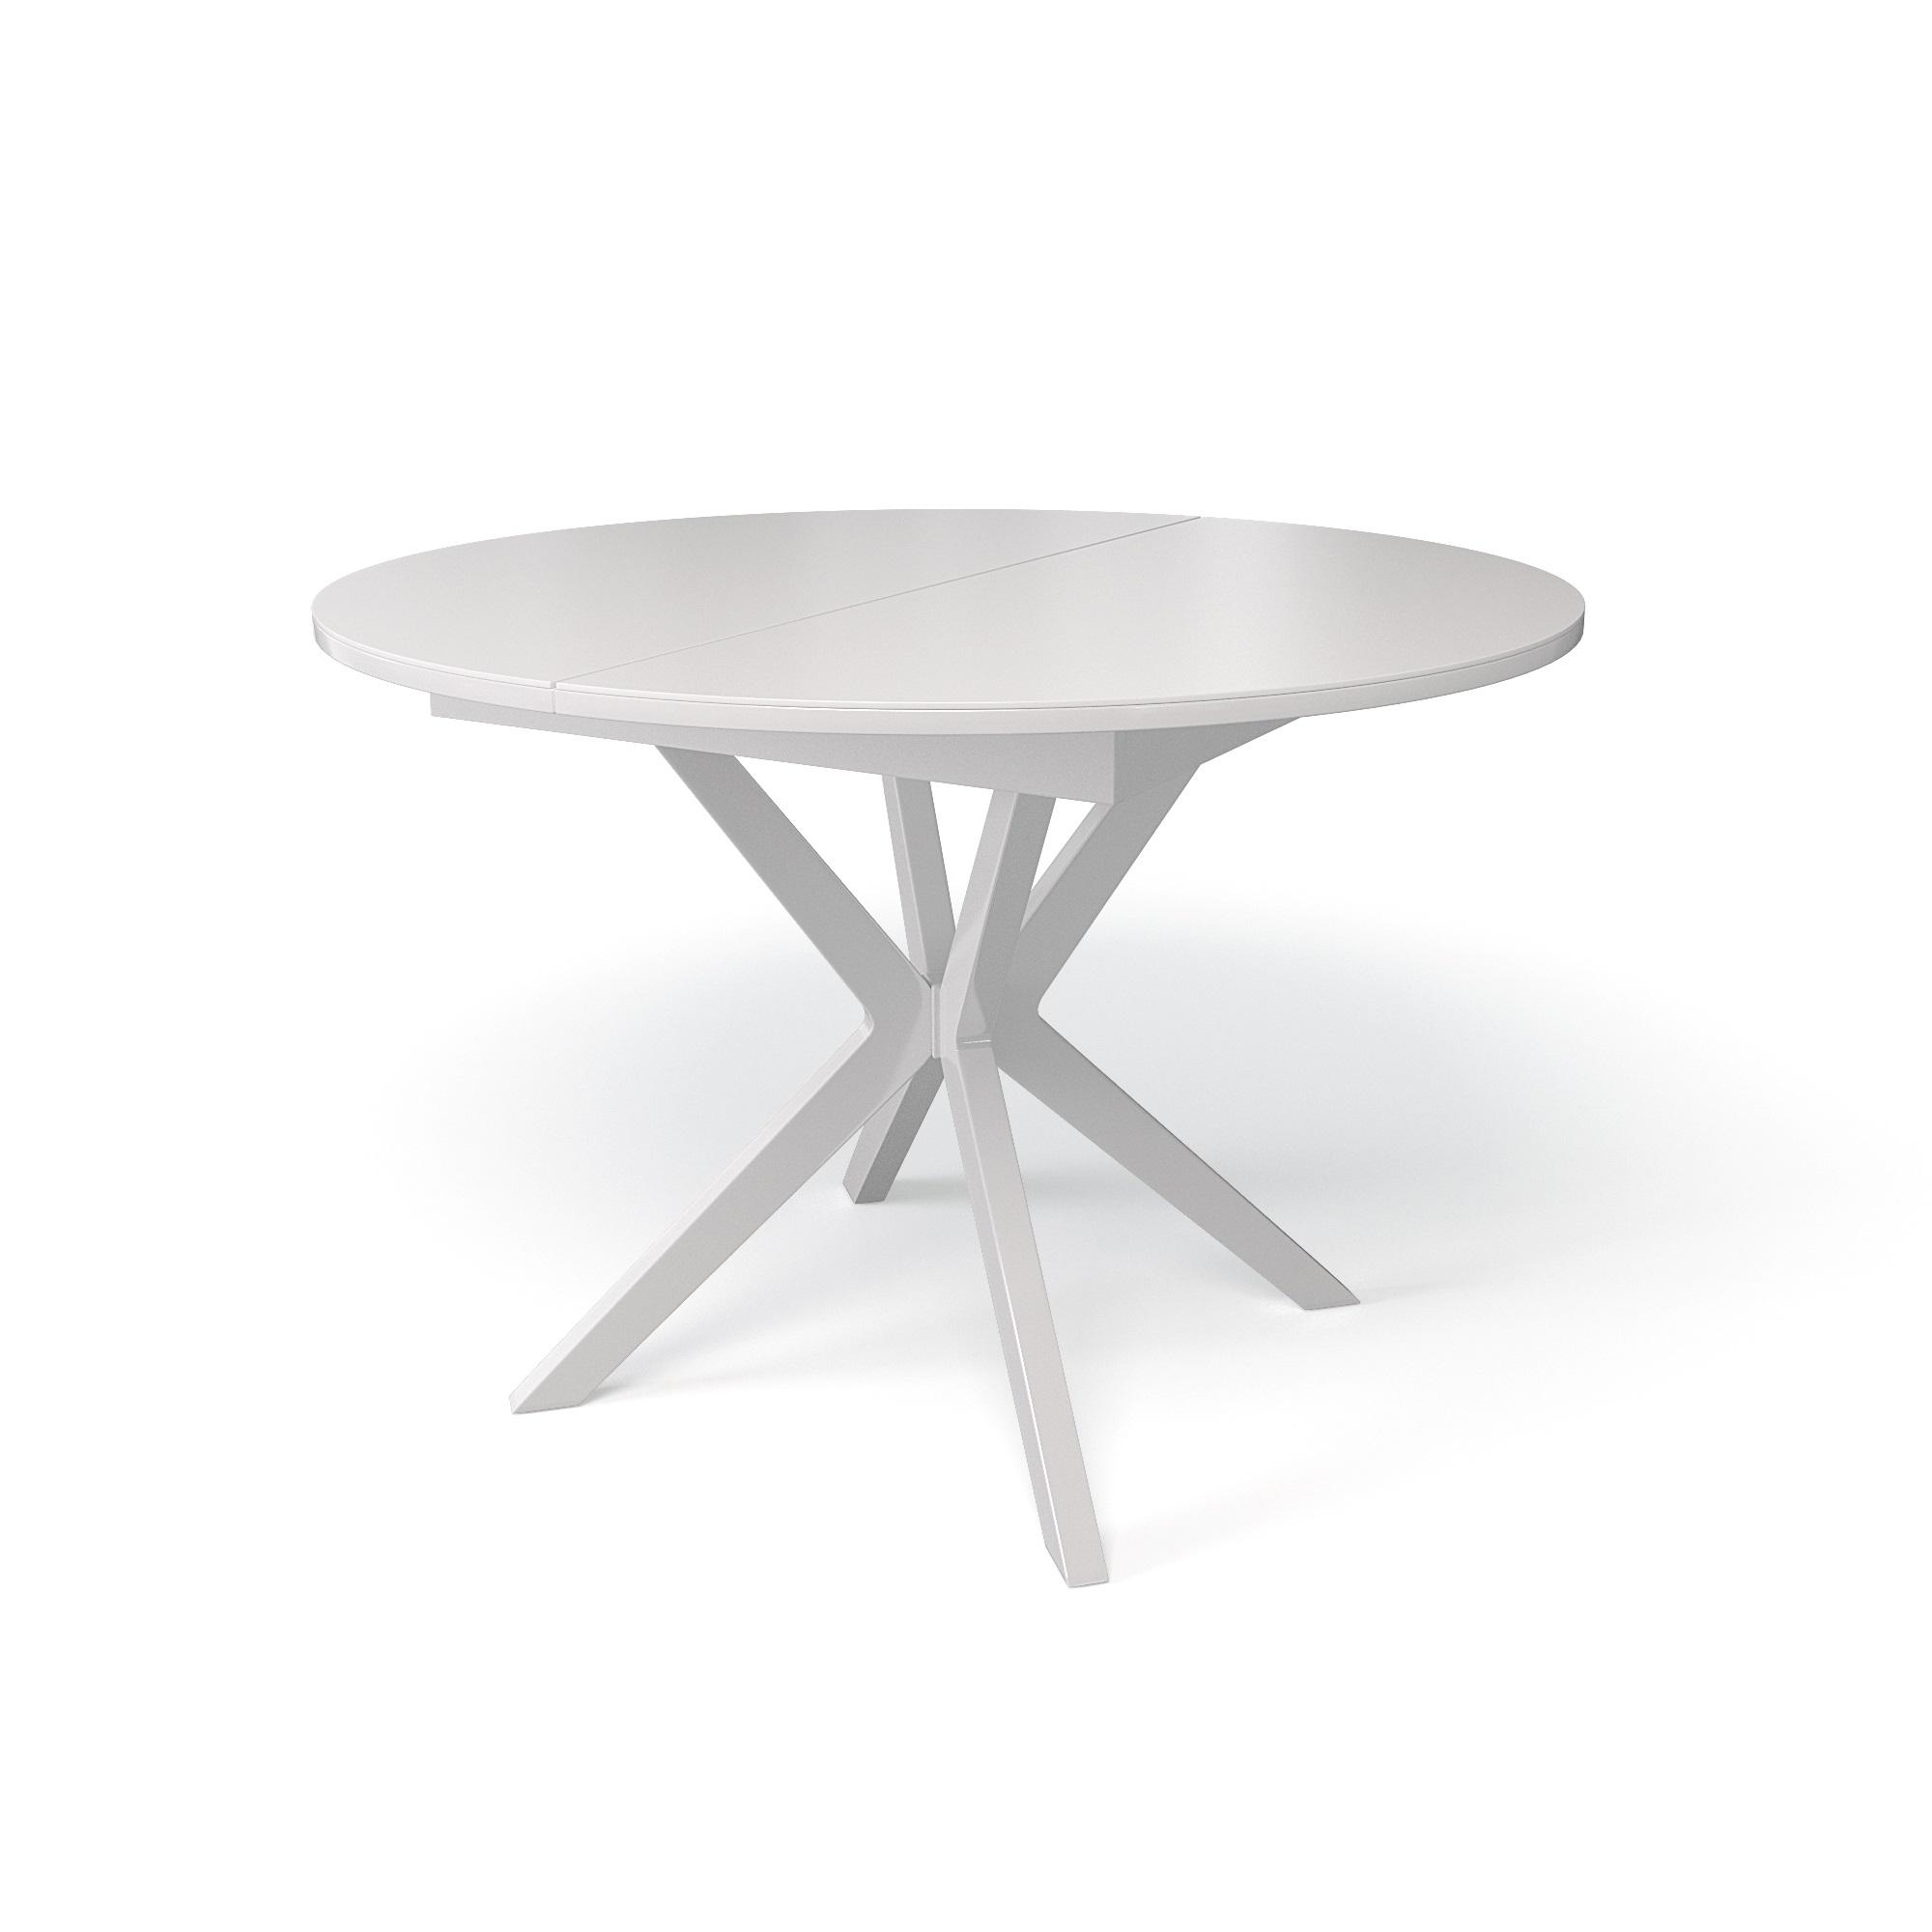 Стол обеденный KennerОбеденные столы<br>Основание - массив бука, столешница - сатинированное стекло (не оставляет следов от пальцев, не боится горячего/холодного, бытовой химии) + ДСП.&amp;amp;nbsp;&amp;lt;div&amp;gt;Механизм раскладки - синхронный.&amp;amp;nbsp;&amp;lt;/div&amp;gt;&amp;lt;div&amp;gt;Фурнитура в комплекте.&amp;amp;nbsp;&amp;lt;/div&amp;gt;&amp;lt;div&amp;gt;Габариты столешницы в разложенном виде: 145х100 см.&amp;lt;/div&amp;gt;<br><br>Material: Дерево